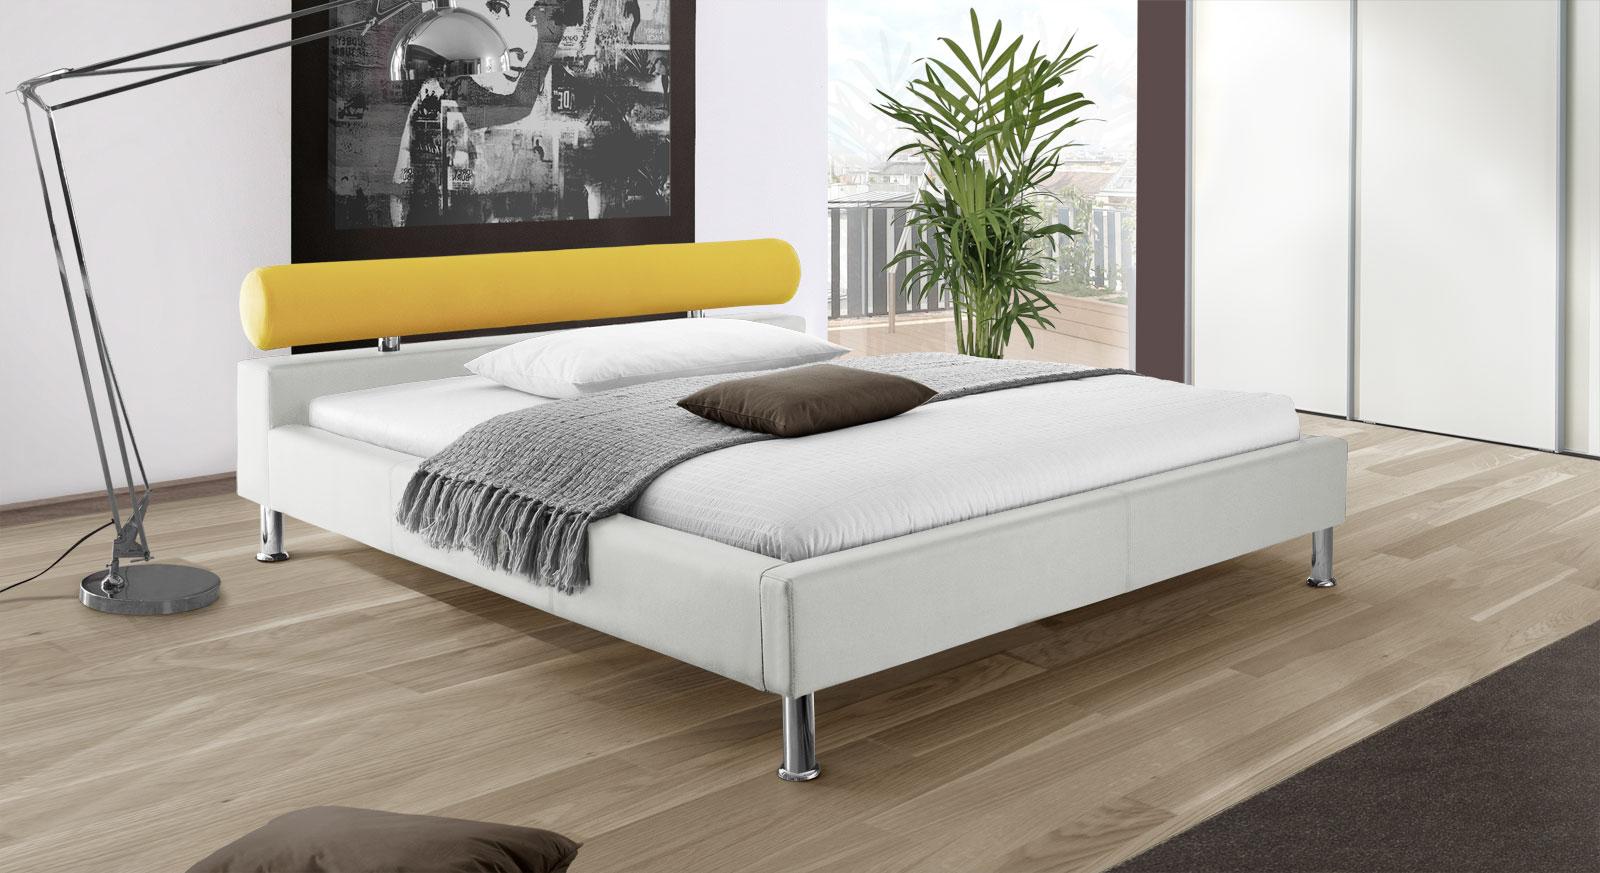 Bett Basildon in weißem Kunstleder mit gelbem Stoff